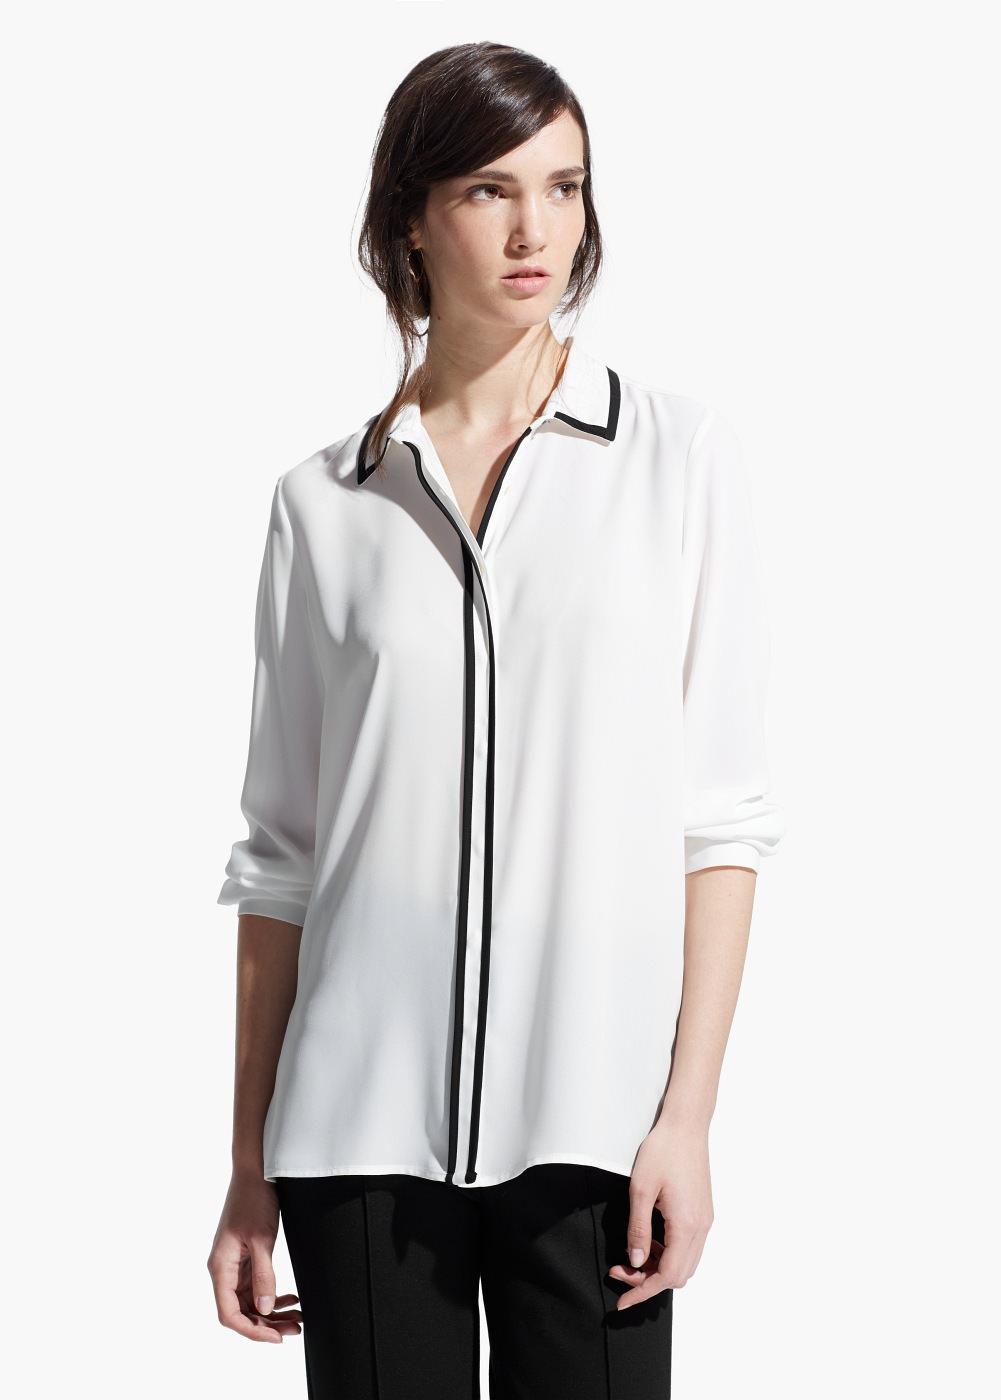 Contrast Trim Shirt , $59.99